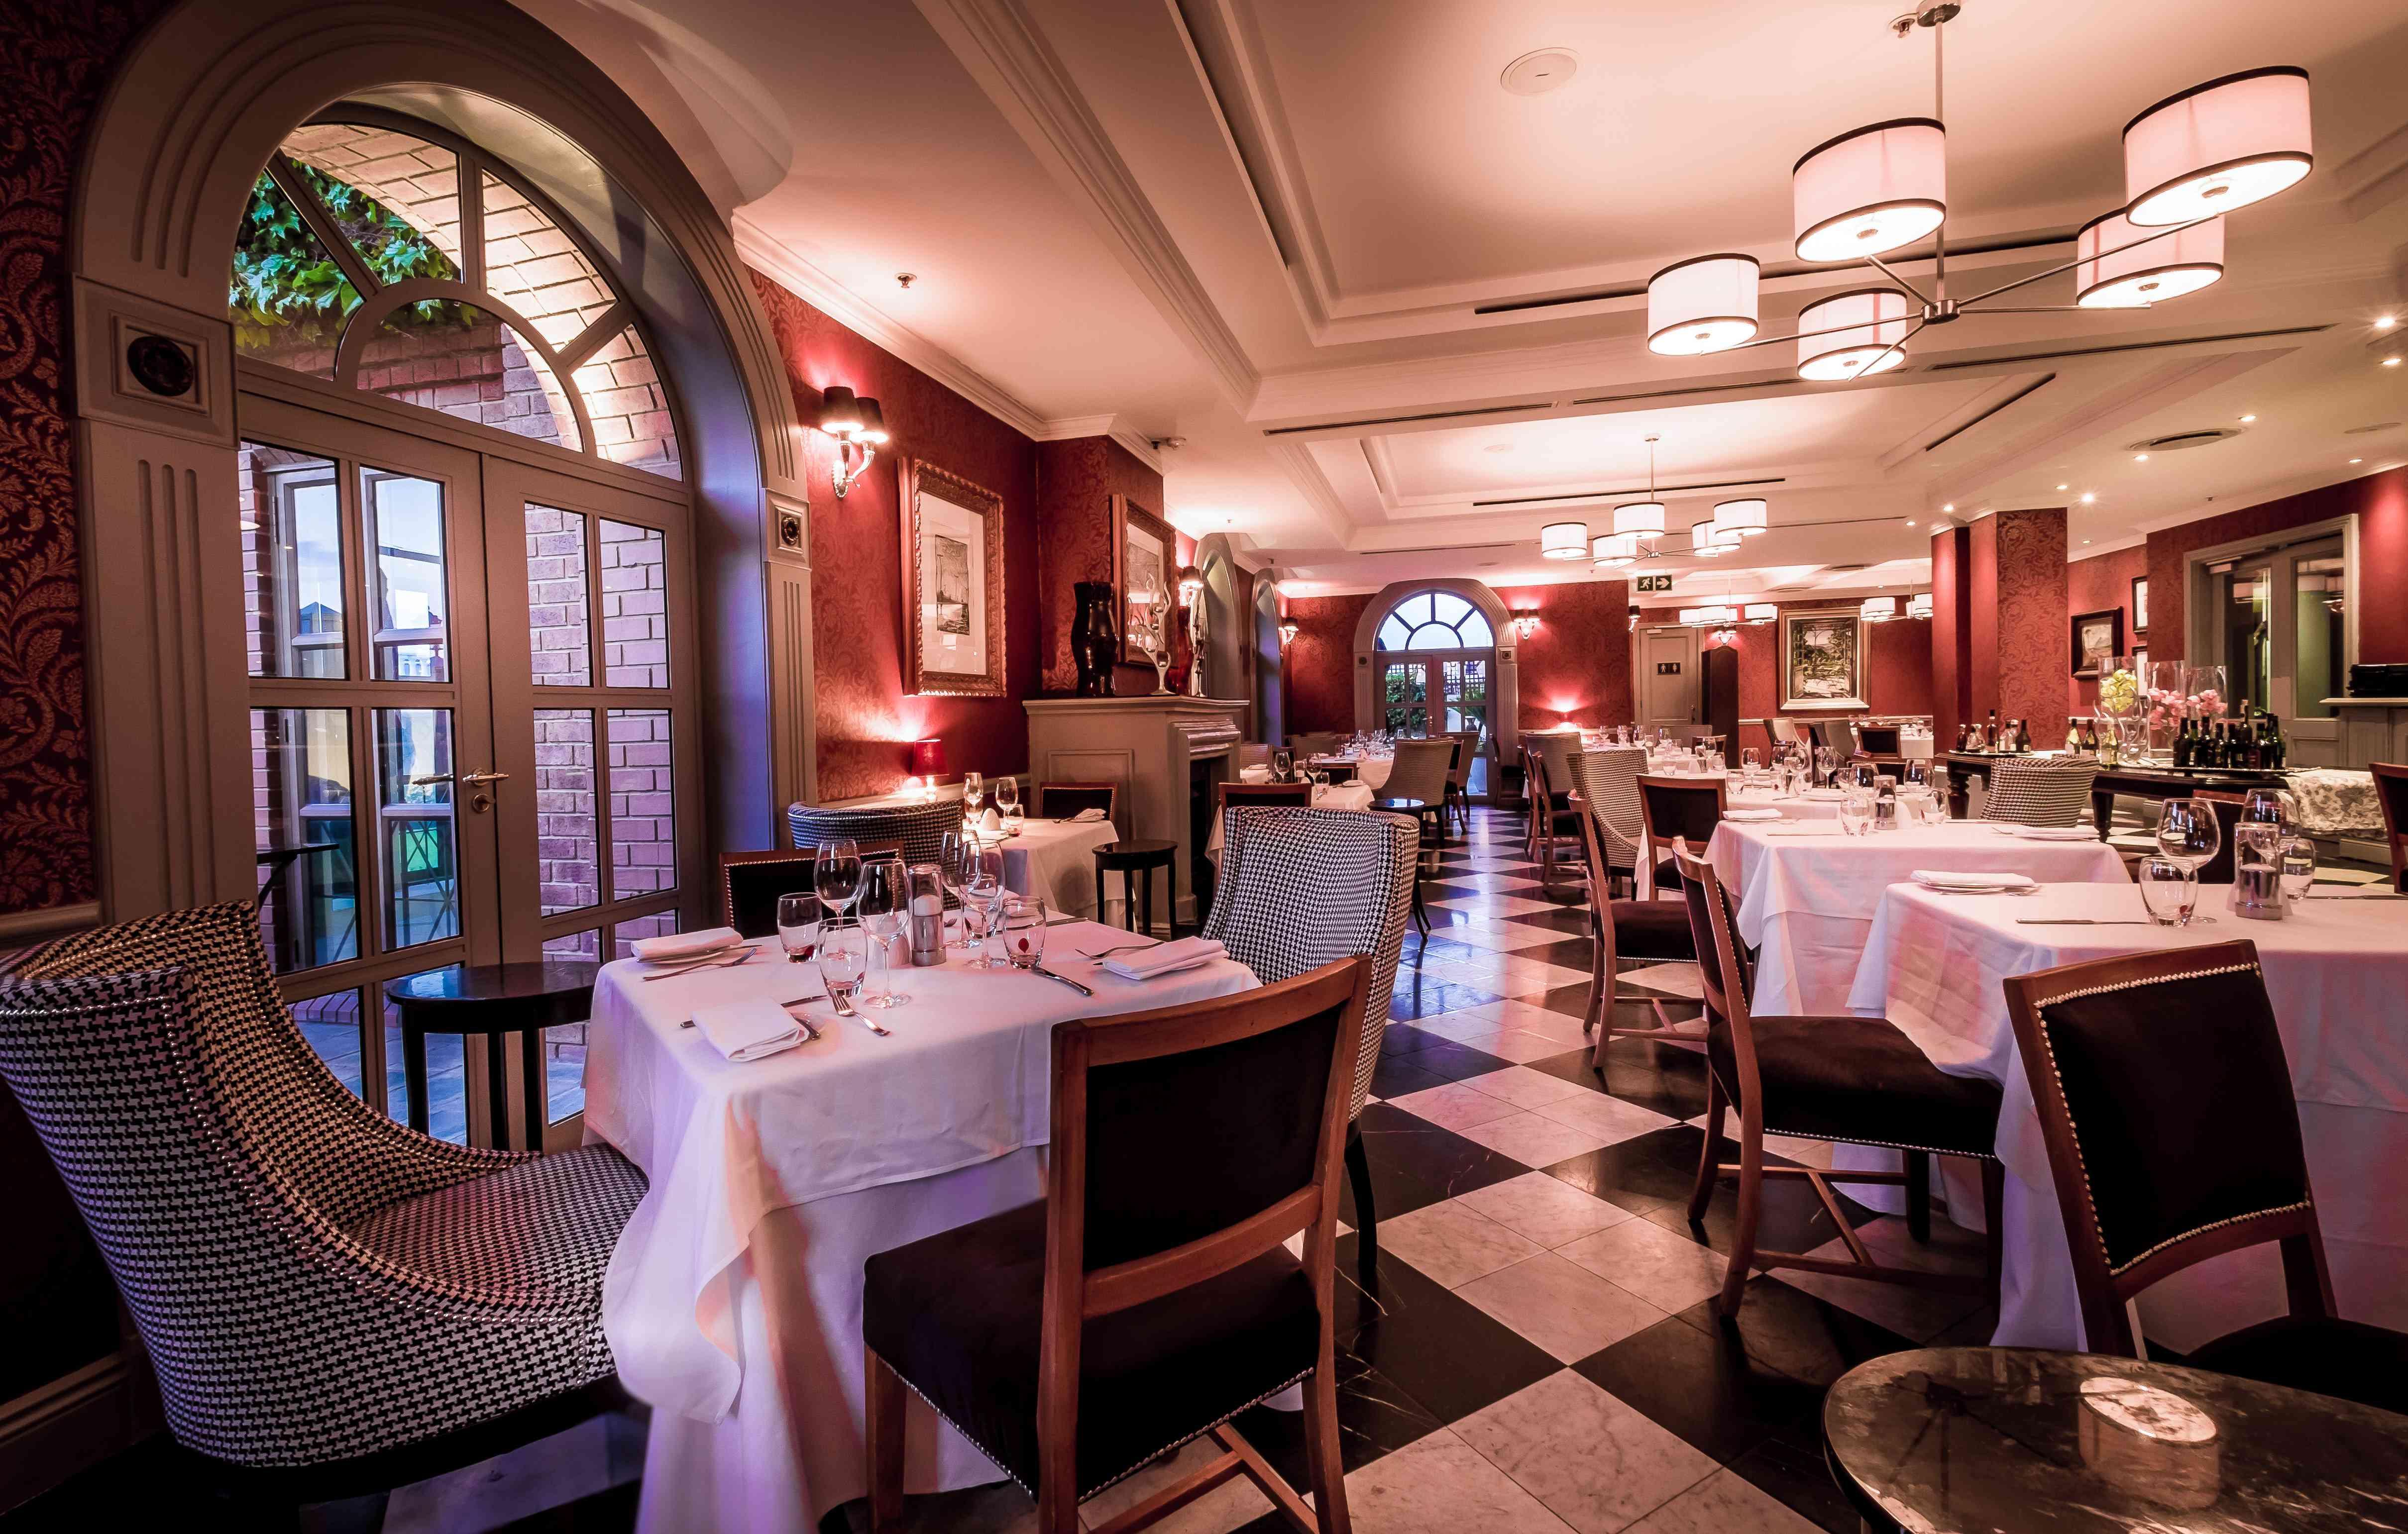 Interior of Level Four restaurant in Johannesburg